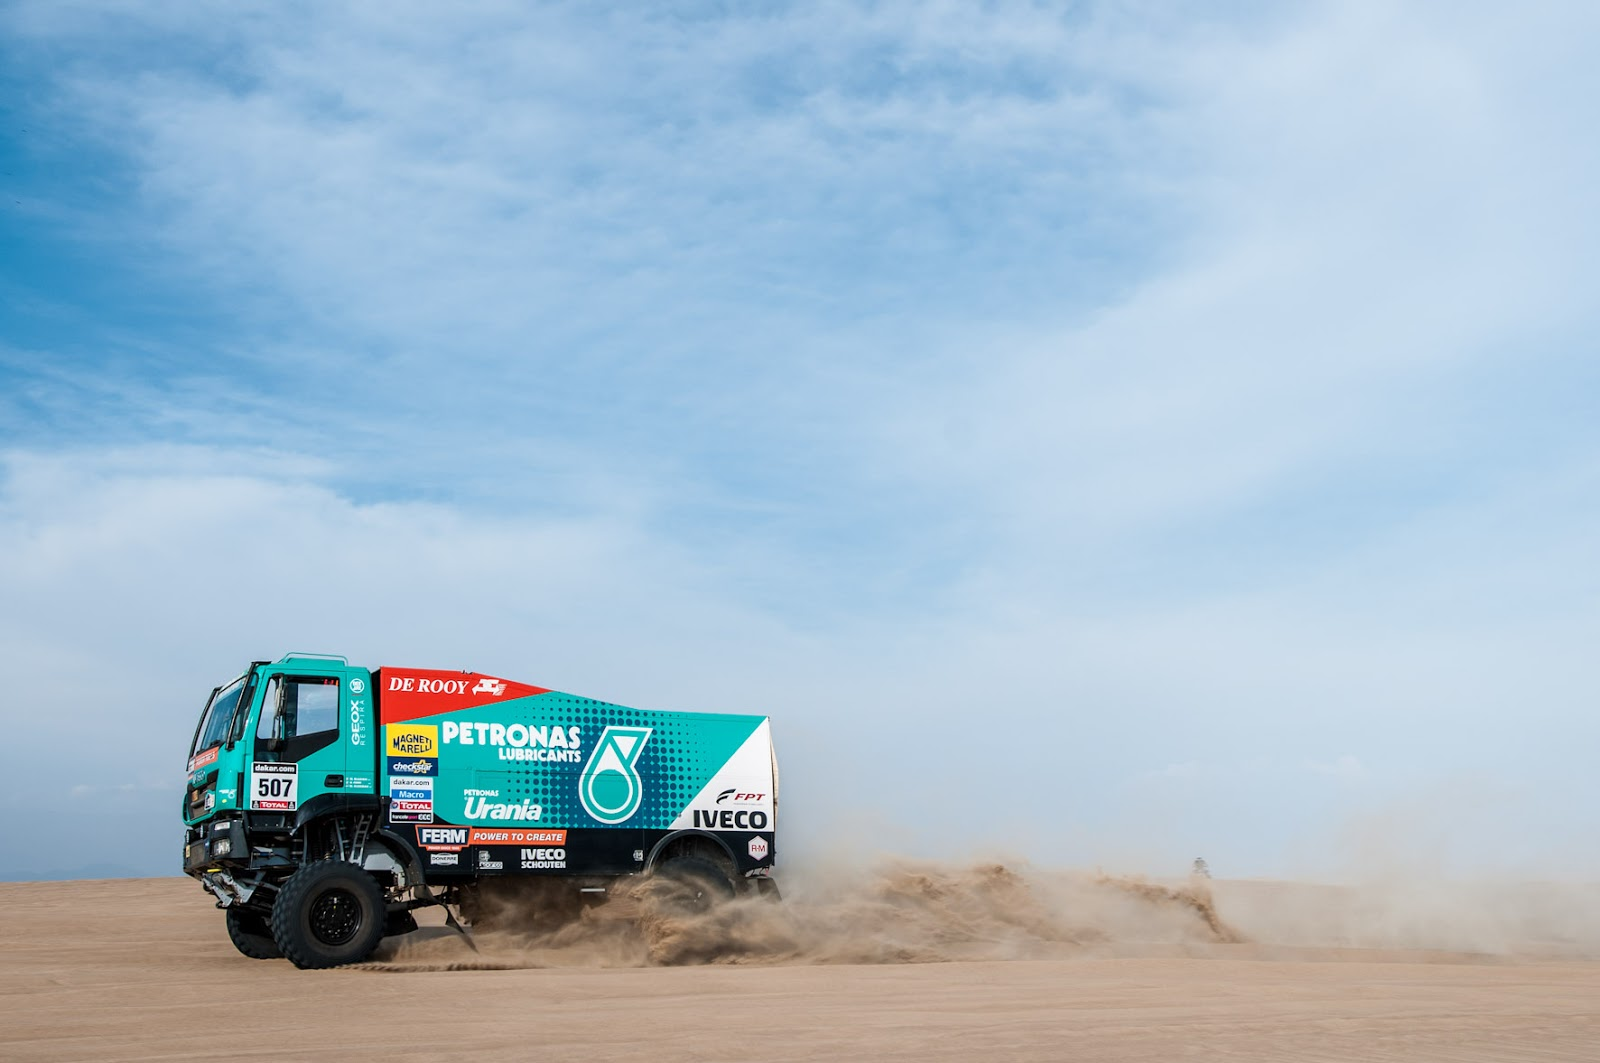 concettomotors  caminh u00f5es iveco est u00e3o prontos para encarar as dunas gigantes do peru na etapa de